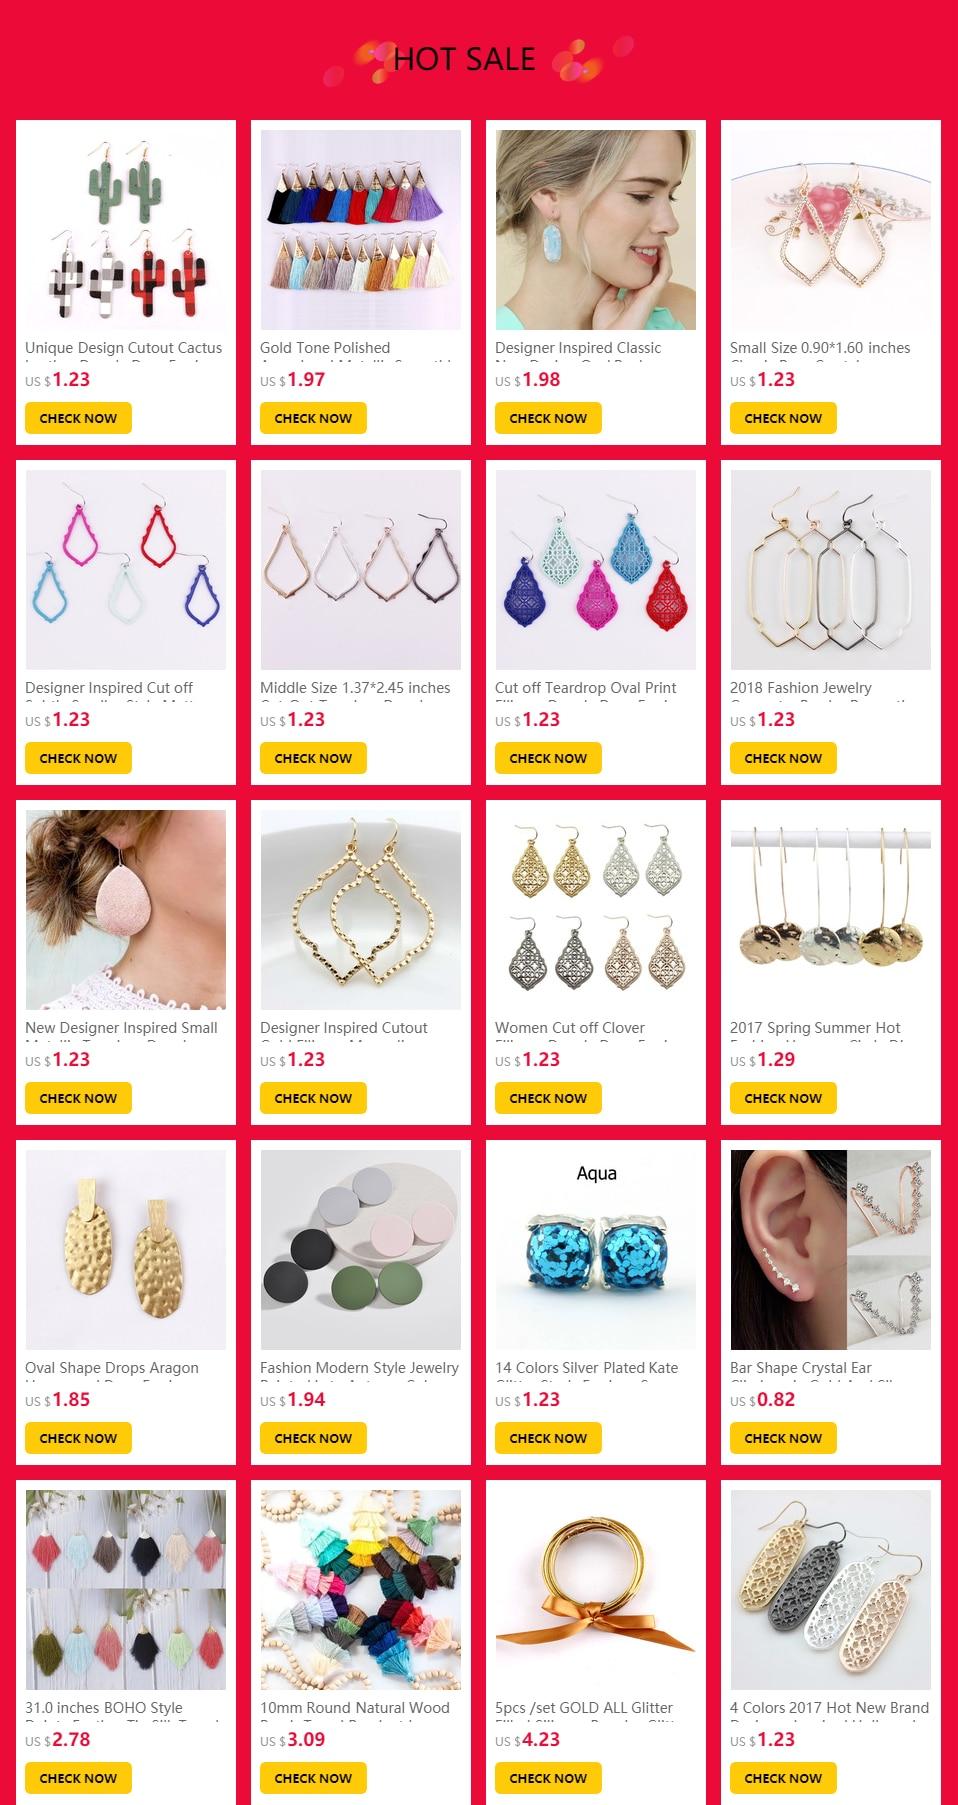 4 цвета,, хит, бренд, дизайнерские, вдохновленные, выдолбленные Висячие серьги-капли для женщин, серьги-капли с монограммой